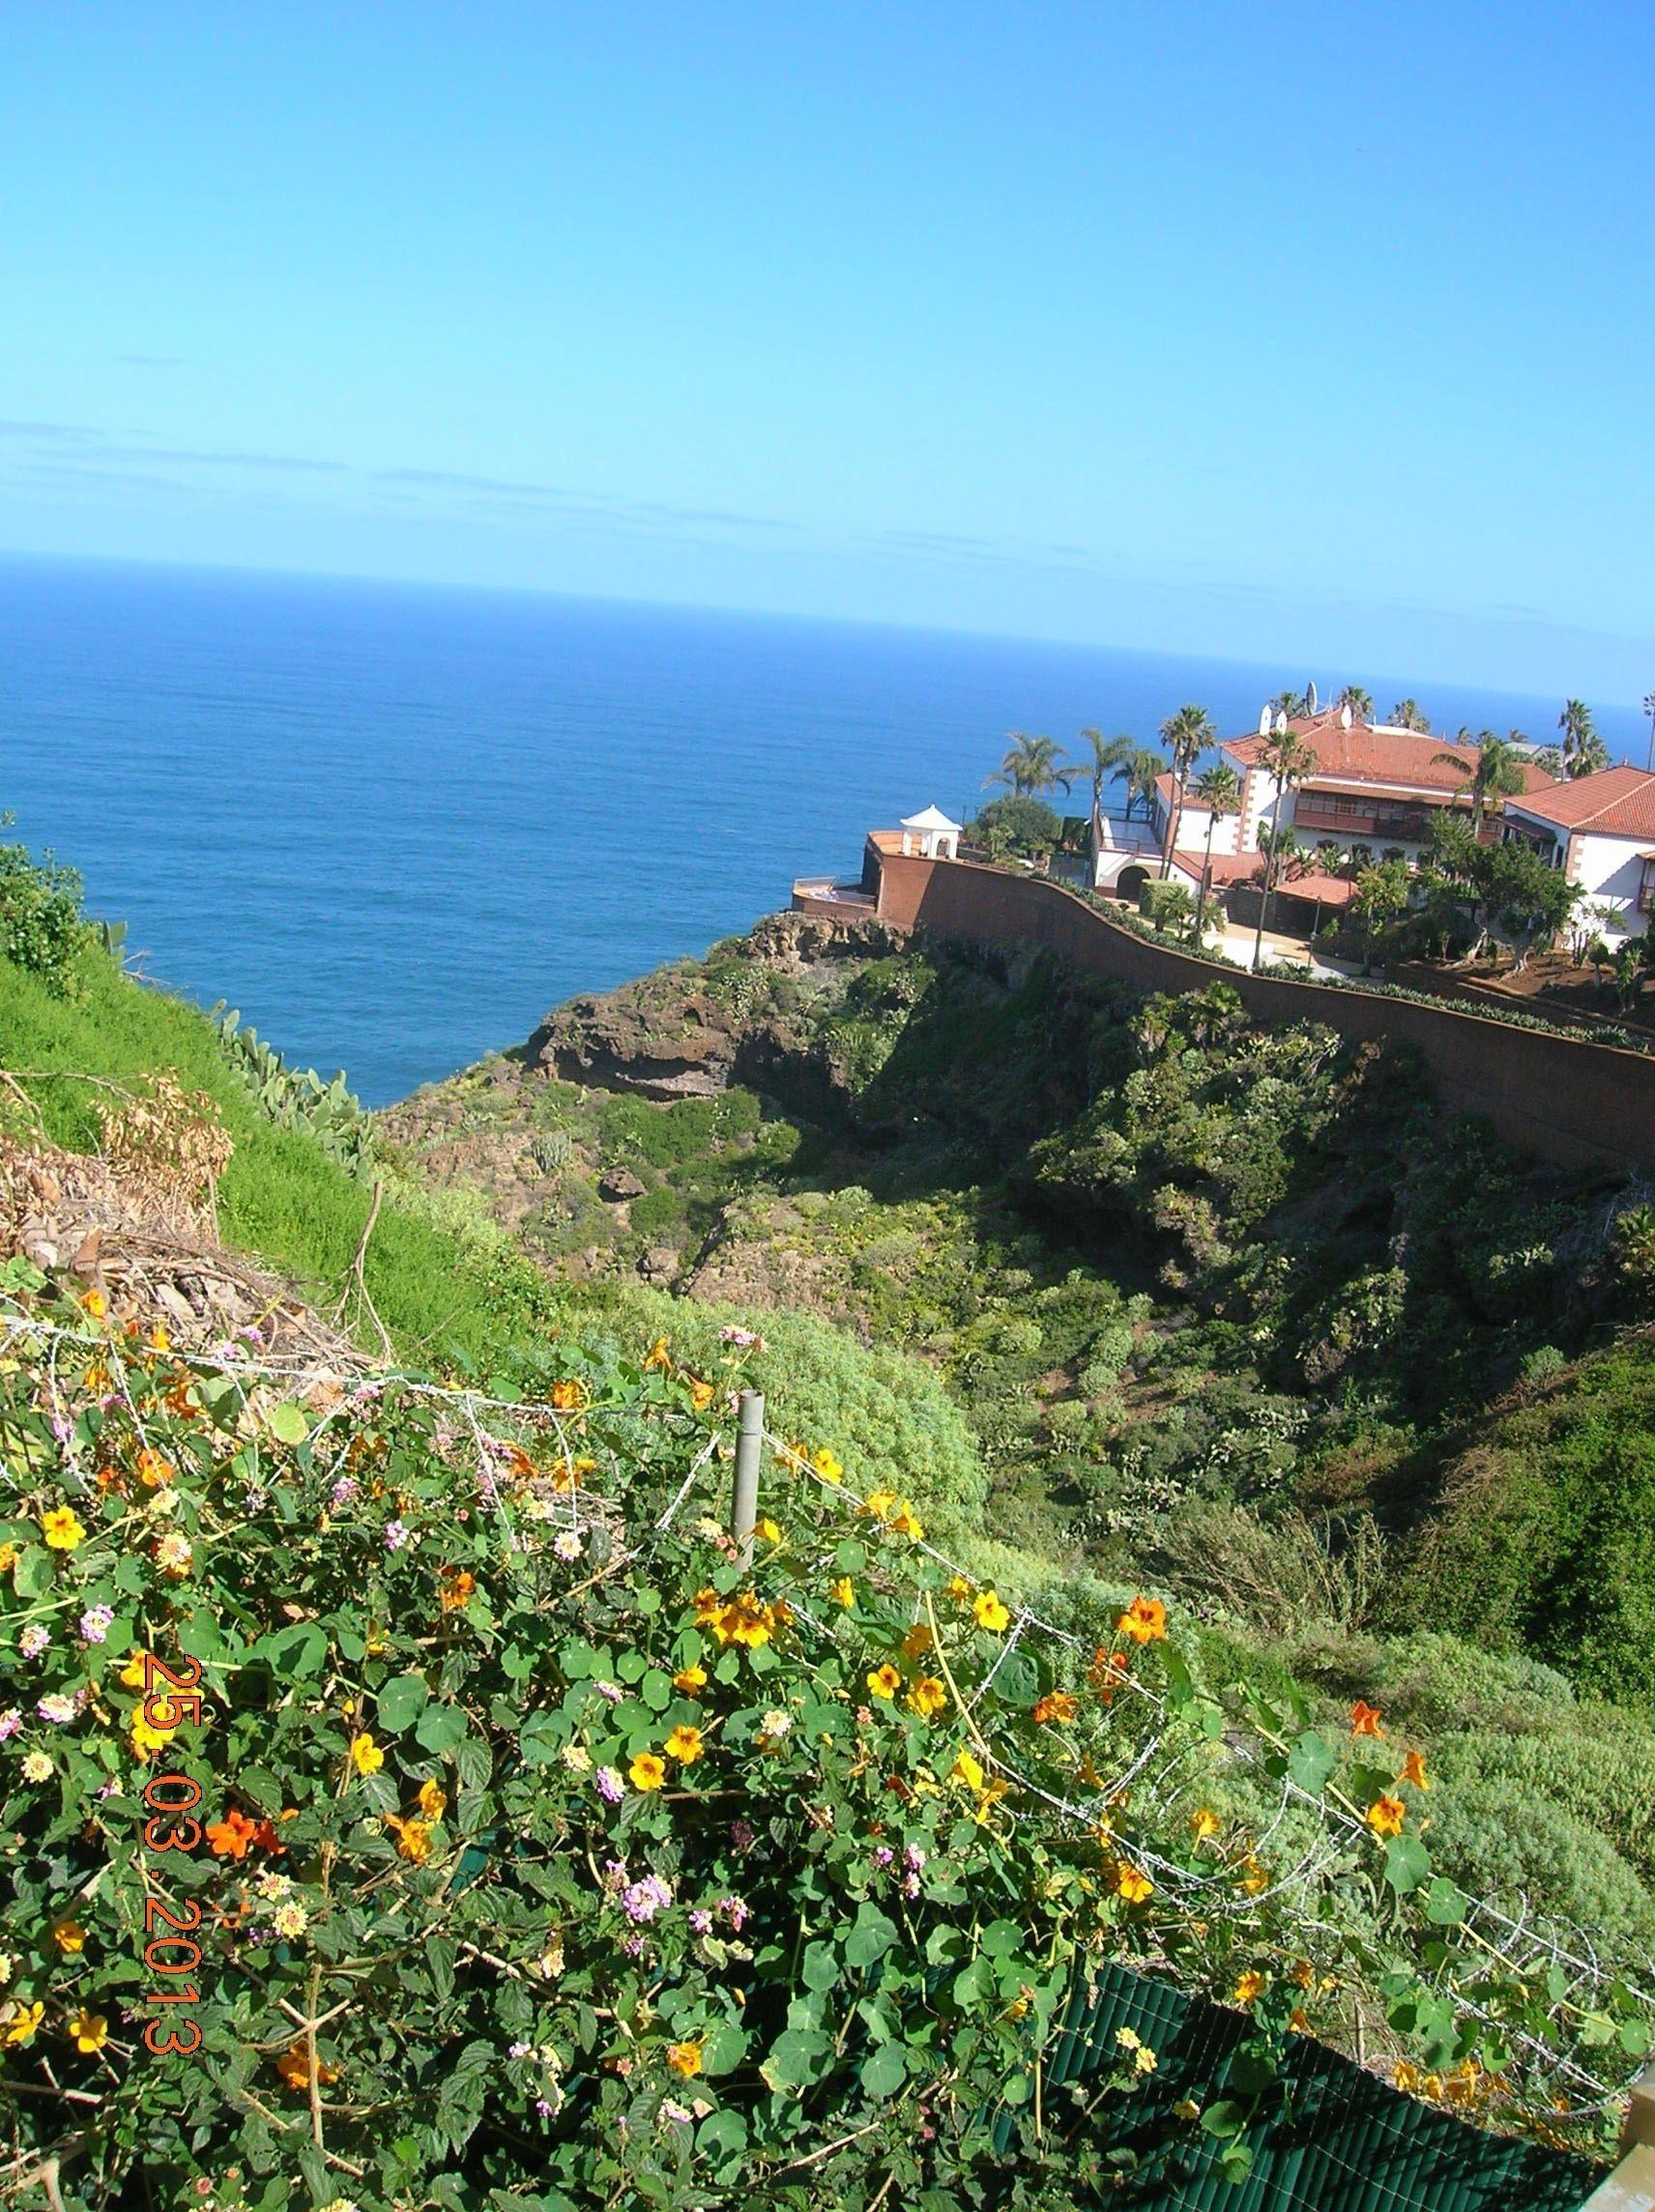 Appartement de vacances Fewo Rocamar, auf dem Felsen über dem Meer mit toller Sicht, 2 Terrassen, Pool, Grill und  (2492985), Santa Ursula, Ténérife, Iles Canaries, Espagne, image 16